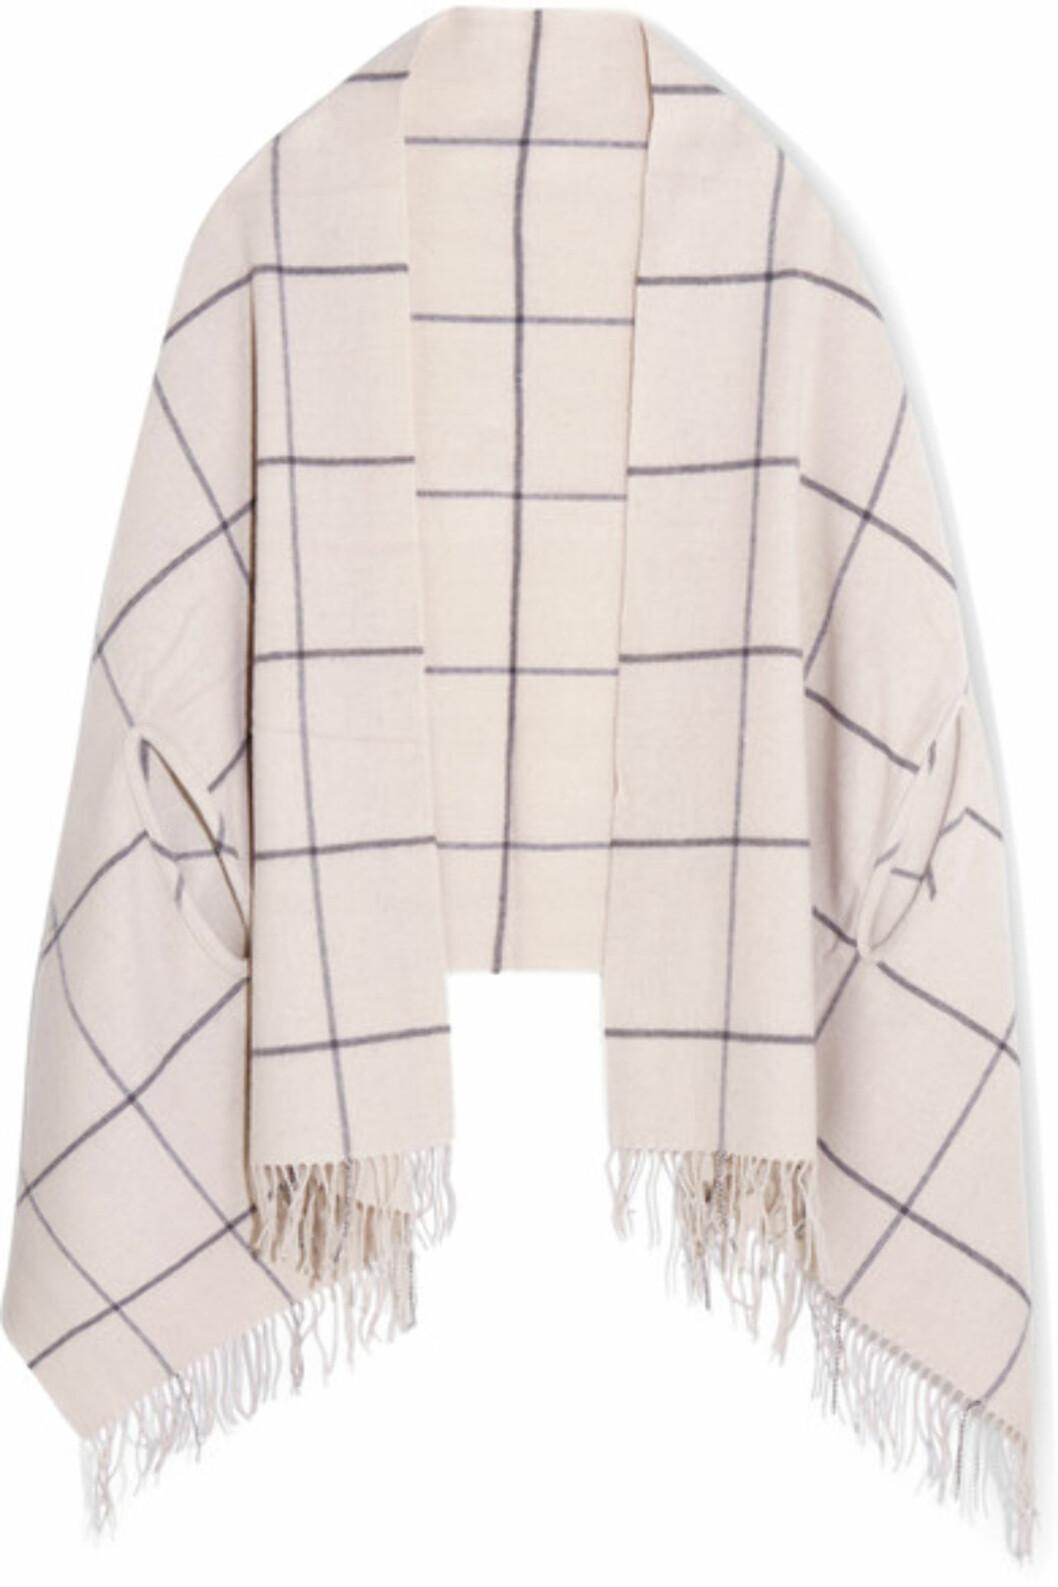 Skjerf fra Madewell via Net-a-porter.com | kr 1094 | https://www.net-a-porter.com/no/en/product/767092/madewell/windowpane-check-wool-scarf